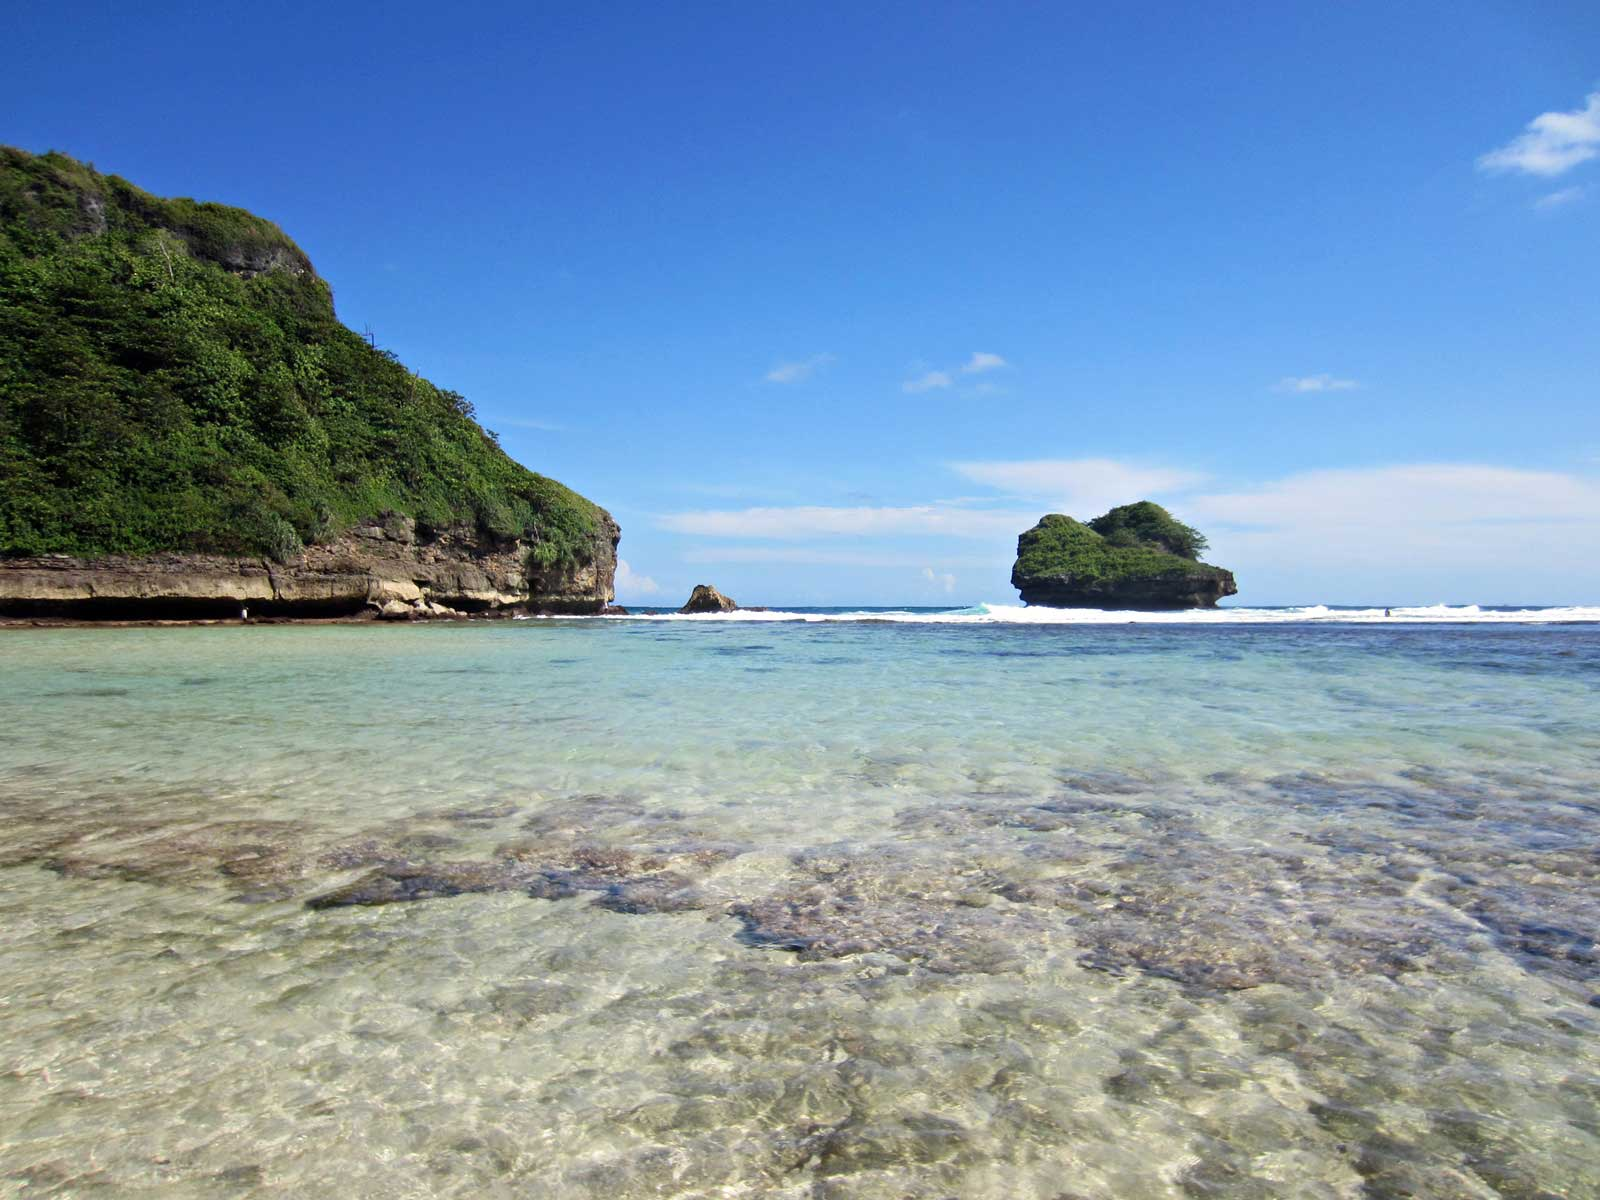 Berita Info Pantai Goa Cina Kabupaten Malang 32 Kab